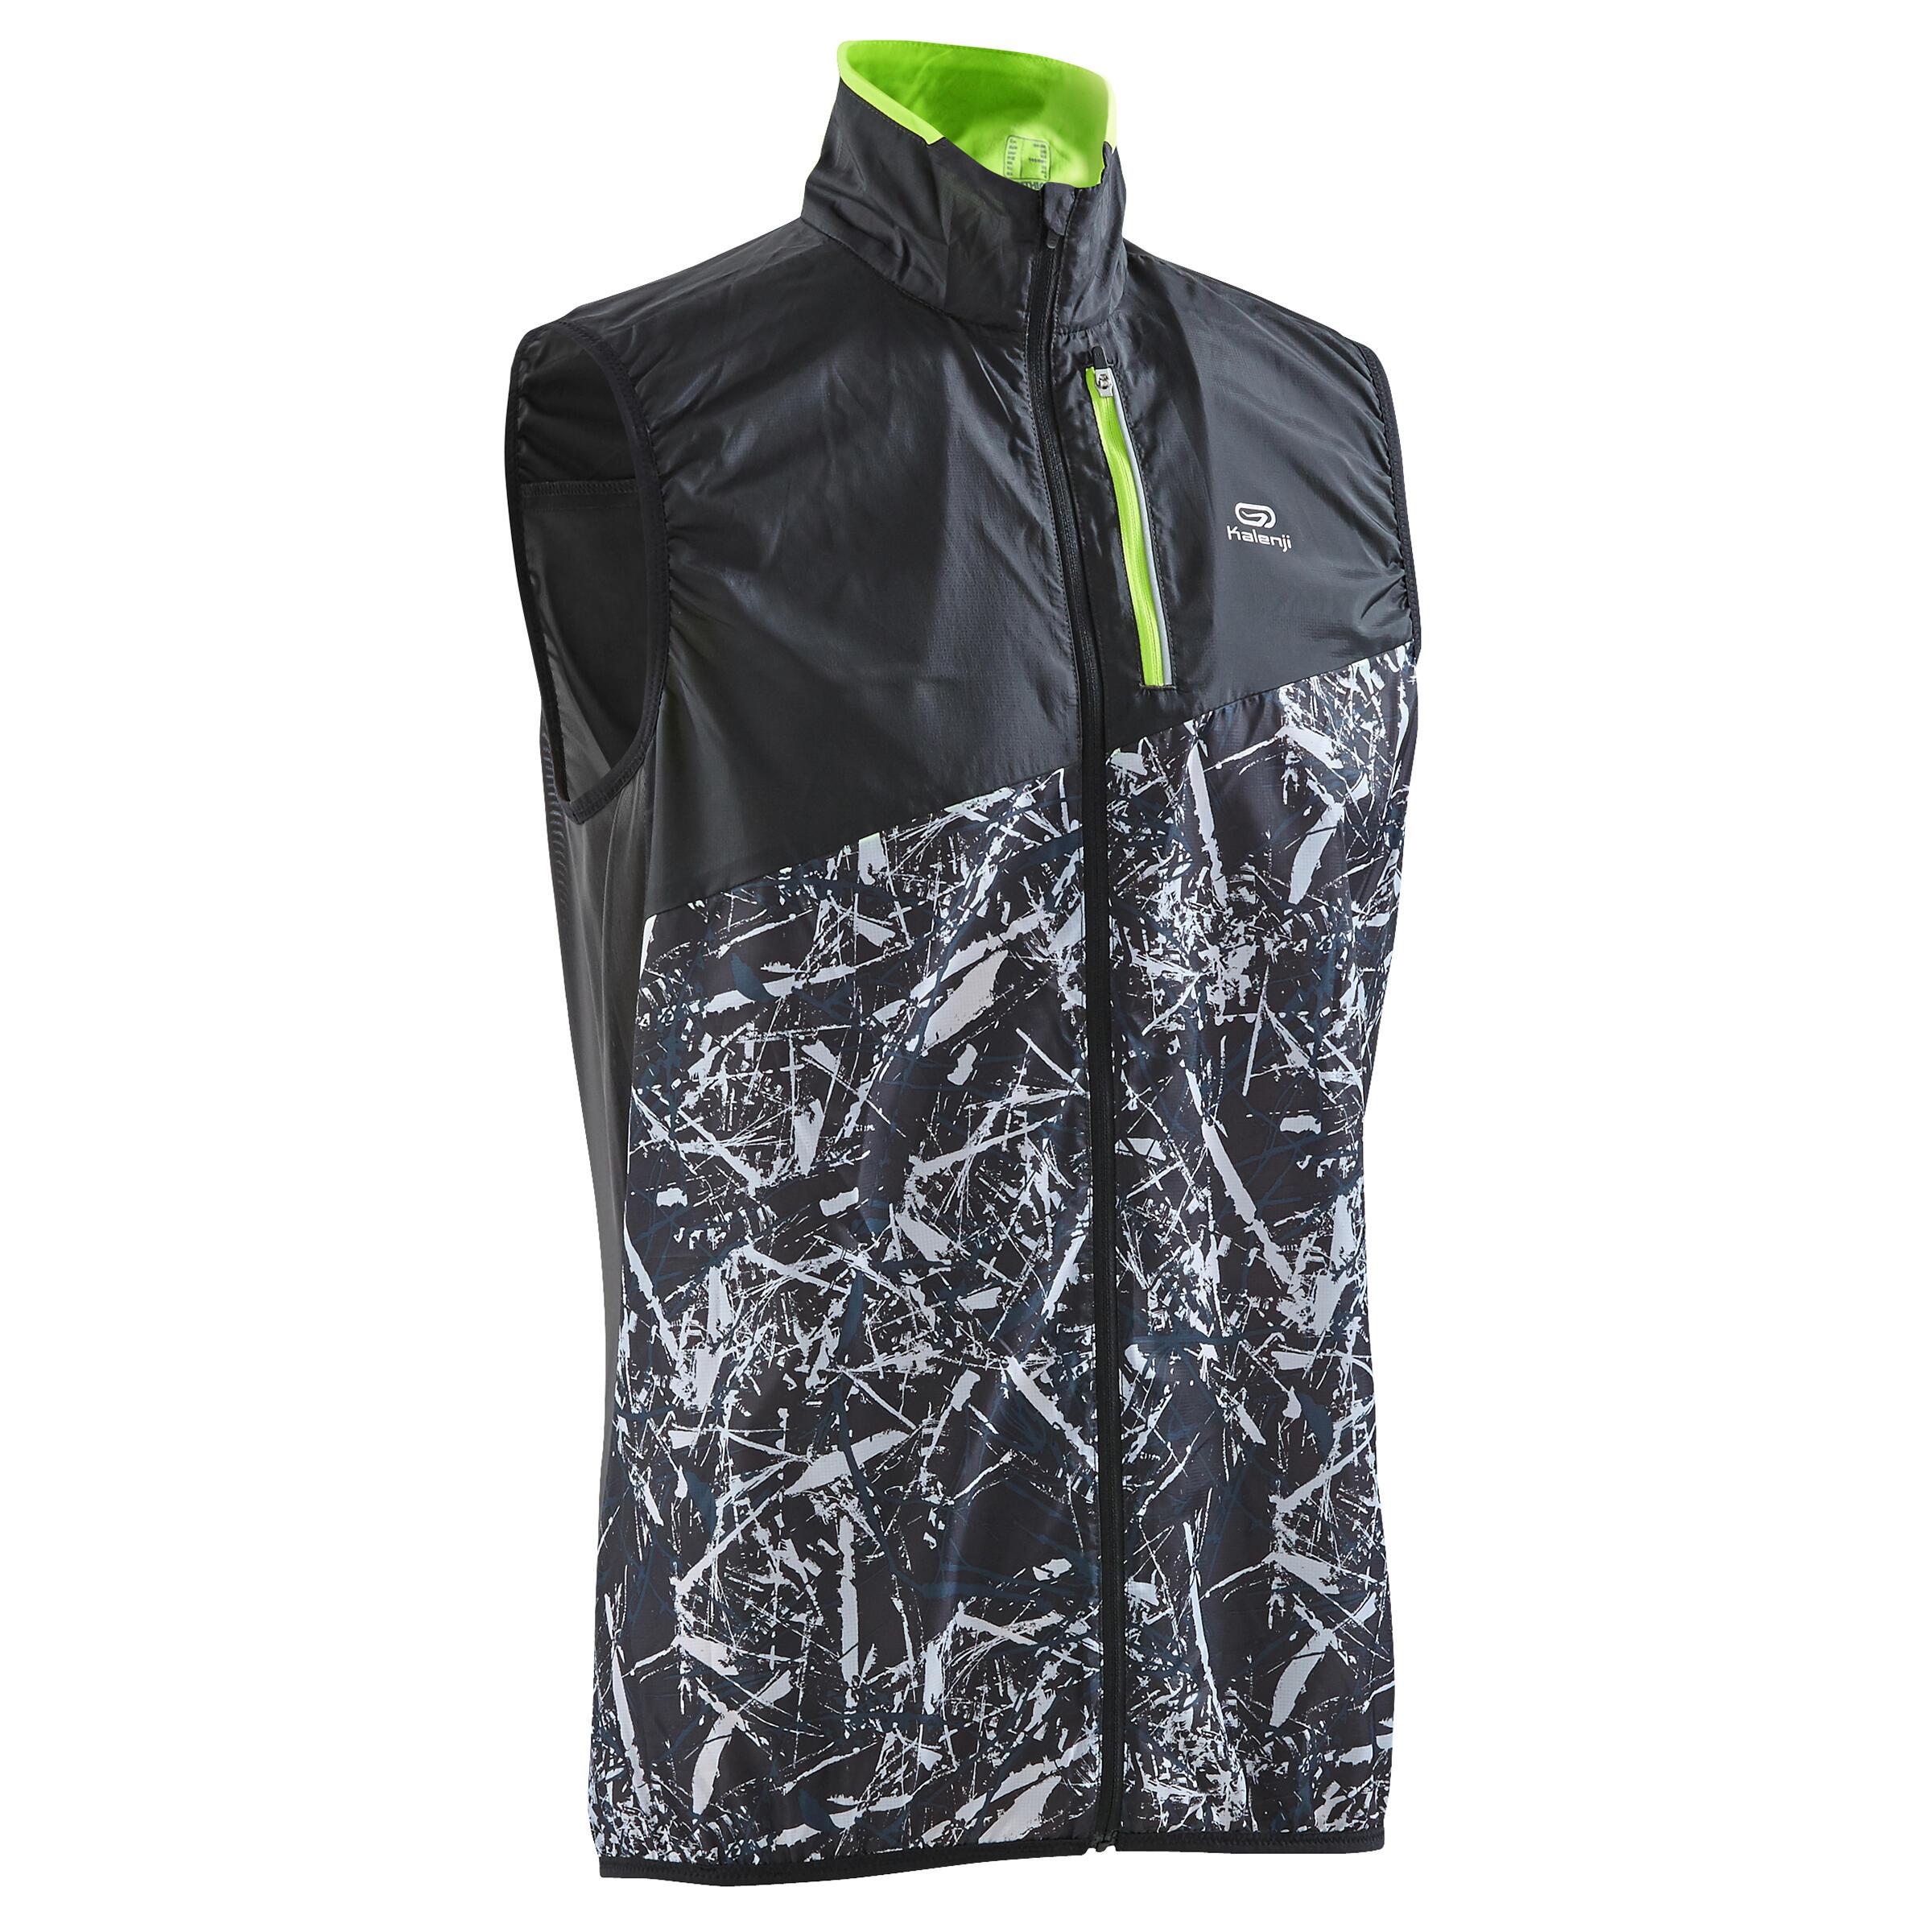 5951bc1839e30 Kalenji Veste sans manches coupe-vent trail running noir graph homme    Decathlon